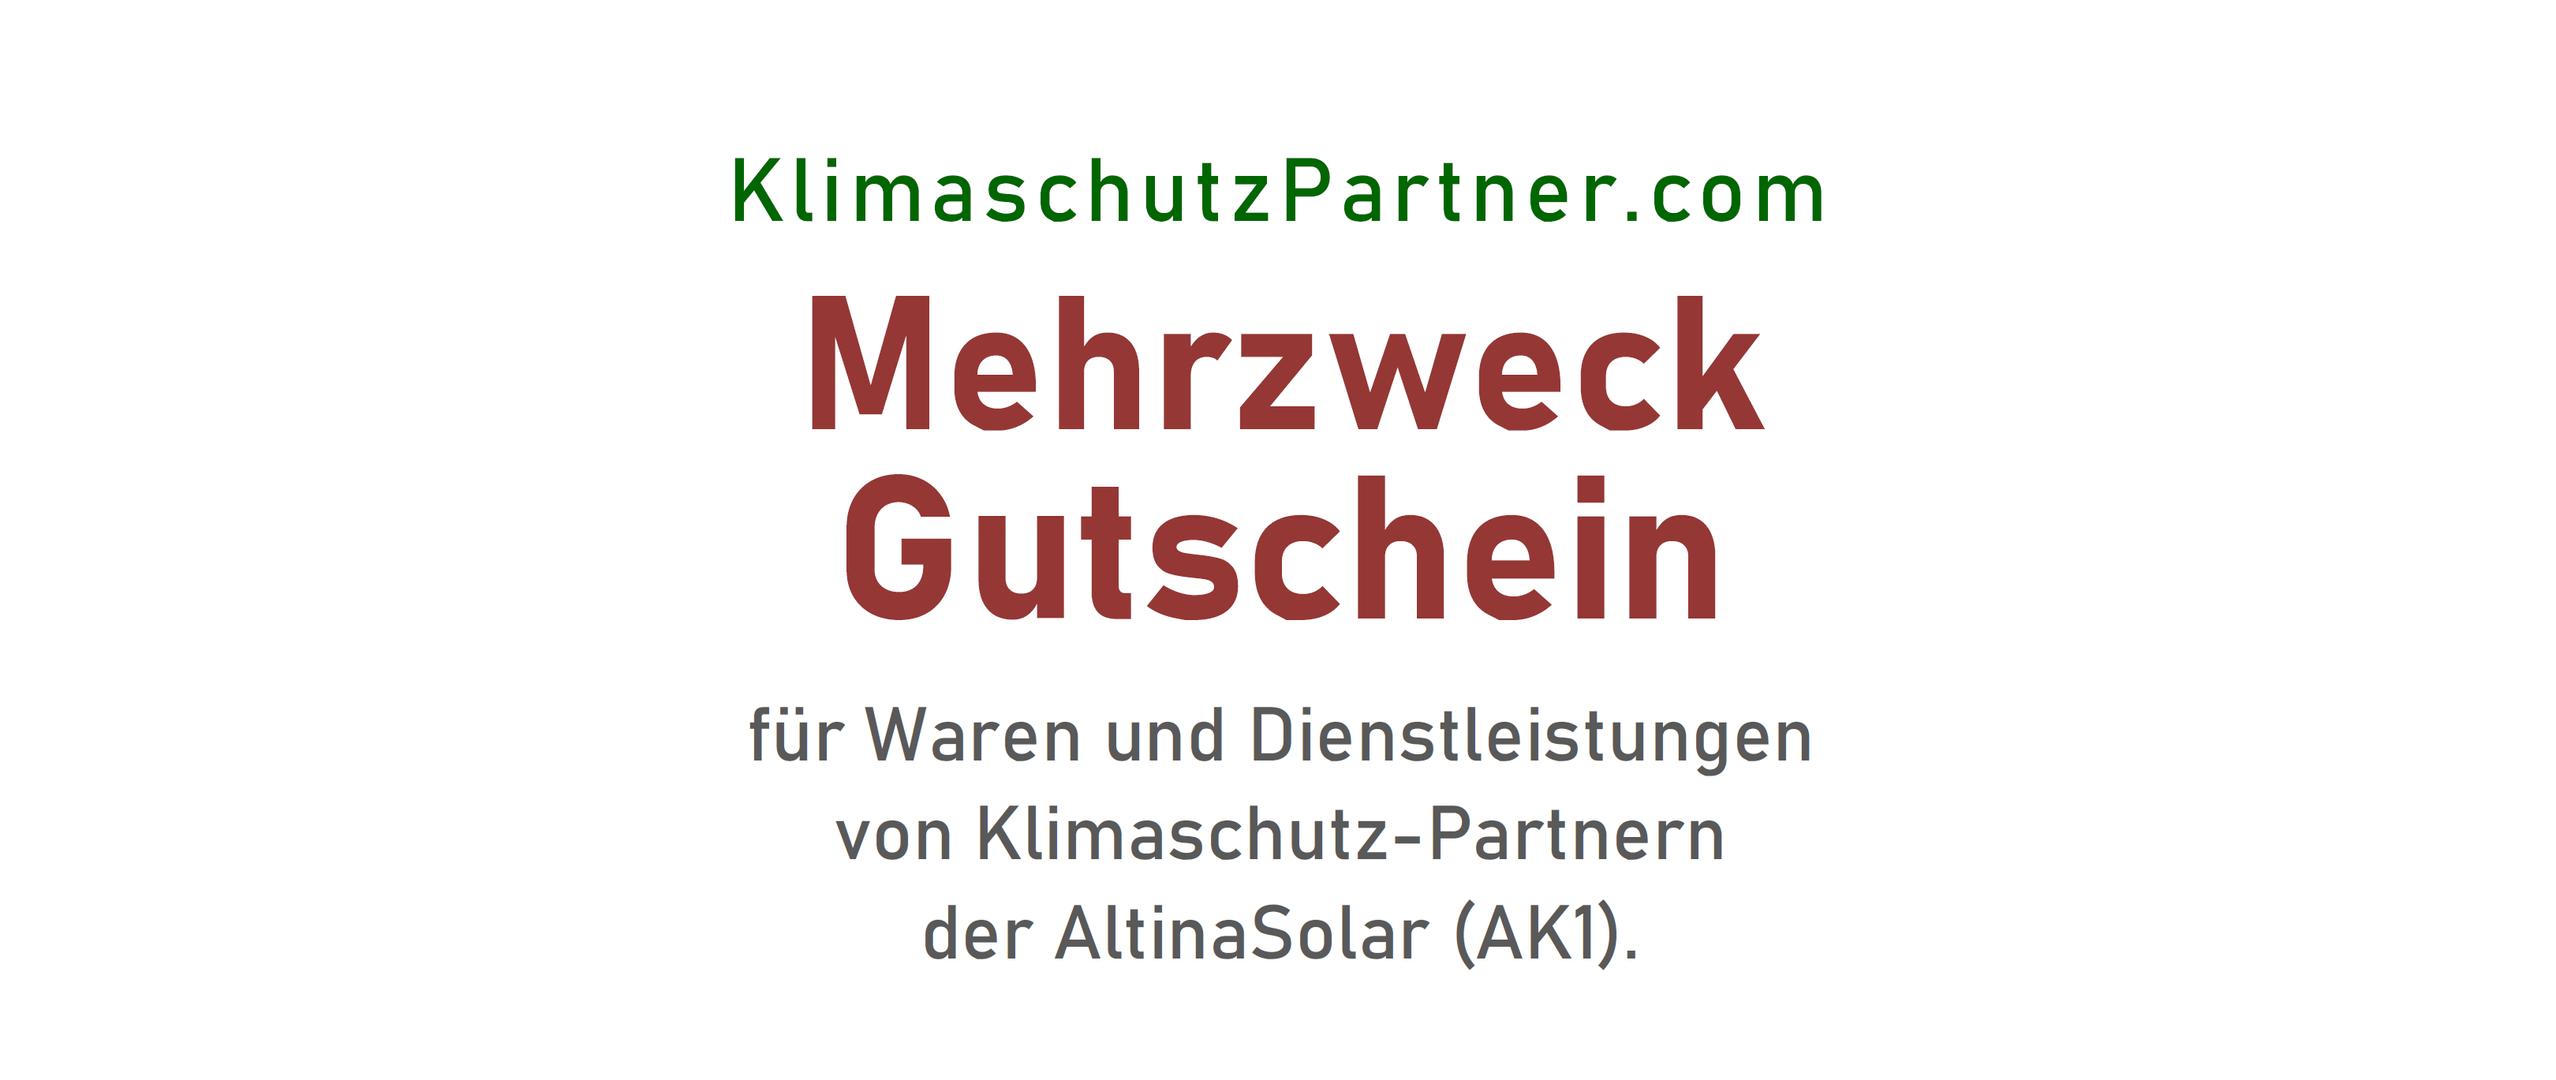 Mehrzweck-Gutschein | KlimaschutzPartner.com